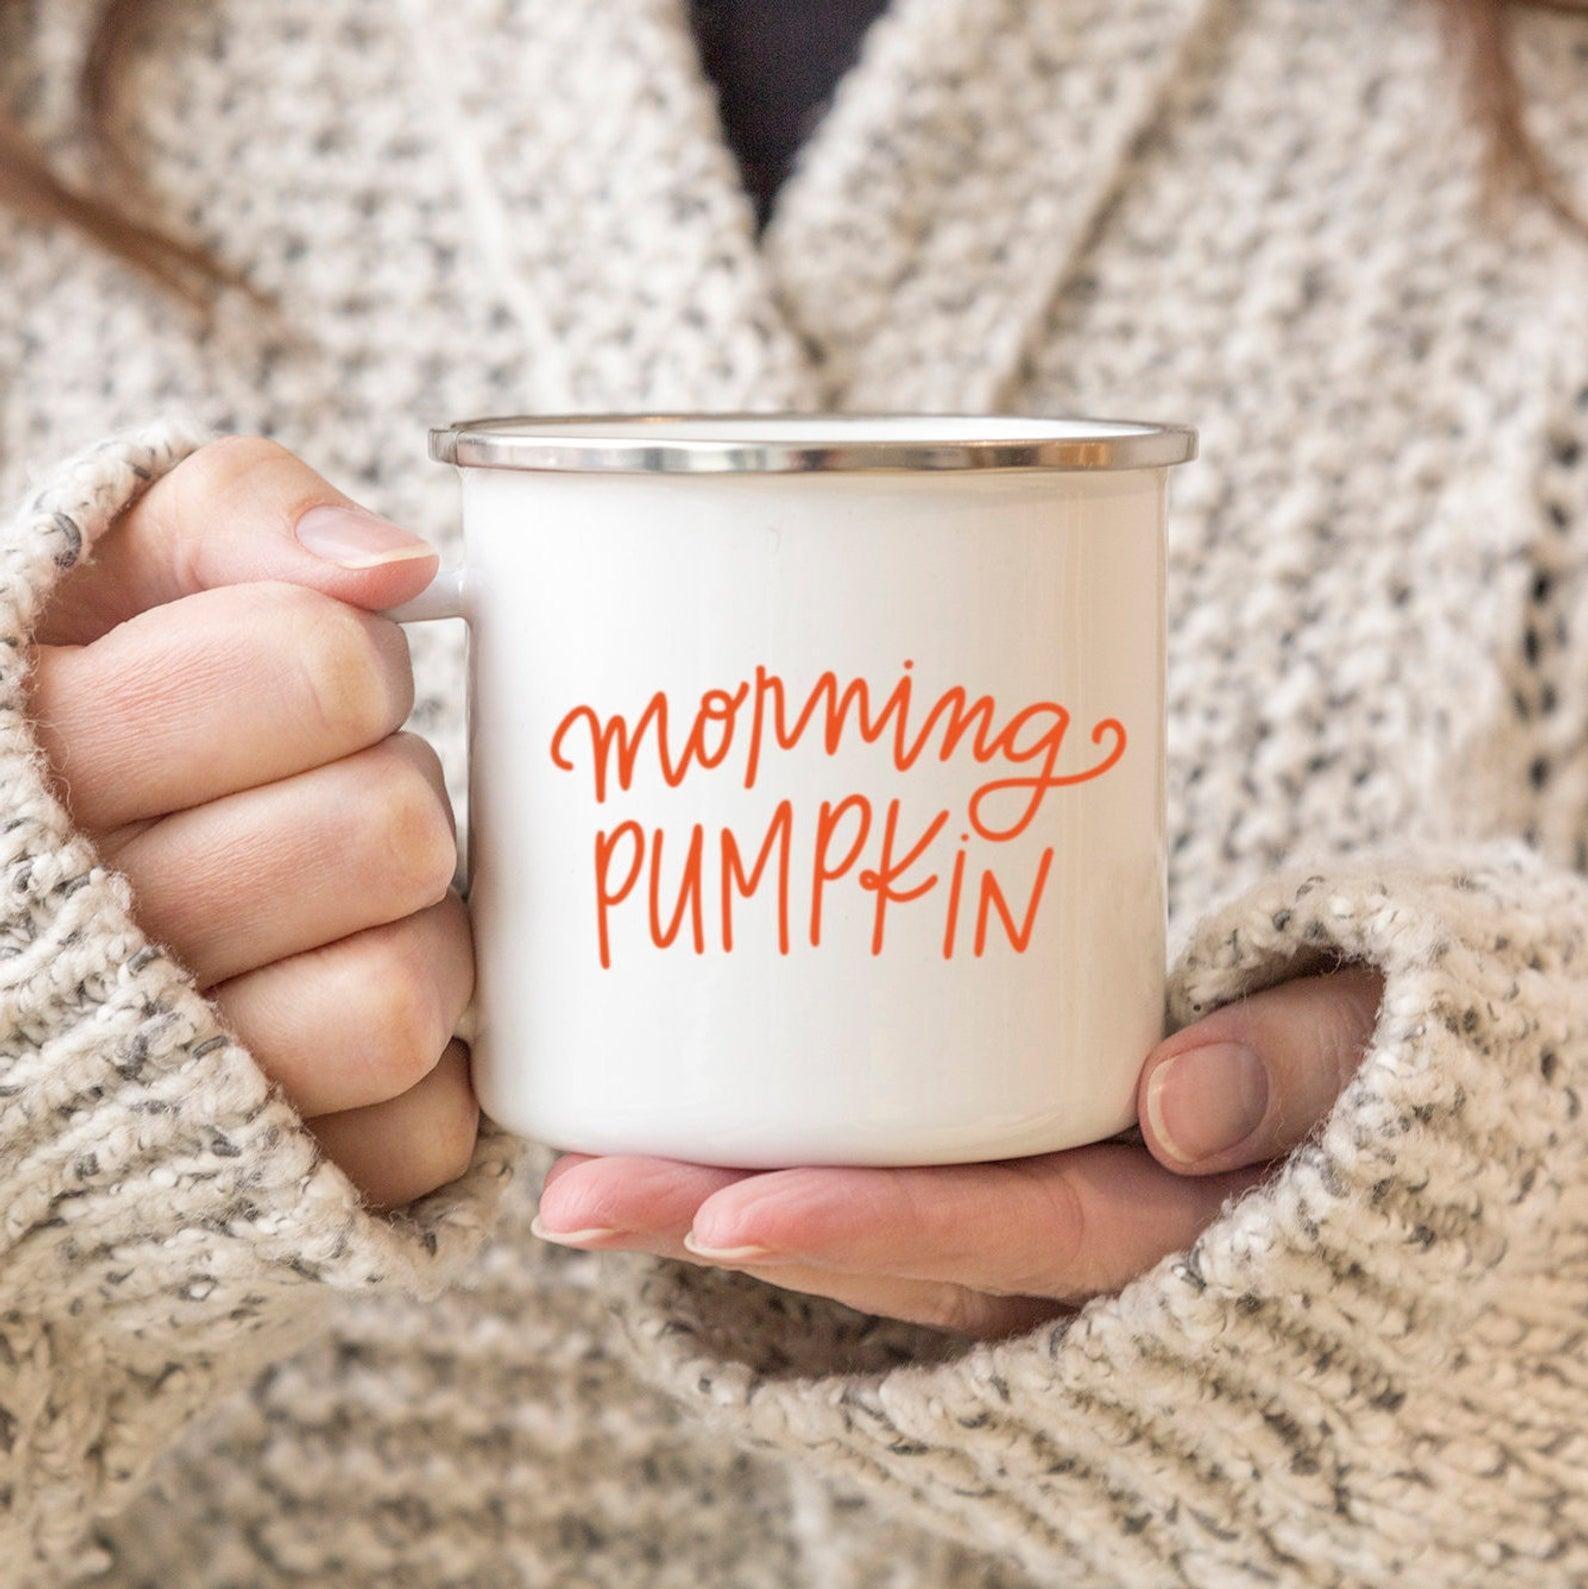 """3.Customizable """"Mornin' Pumpkin"""" Mug - Sipping coffee or tea out of a seasonal mug always seems to make the activity more enjoyable. I love this adorable, customizable mug on Etsy!"""